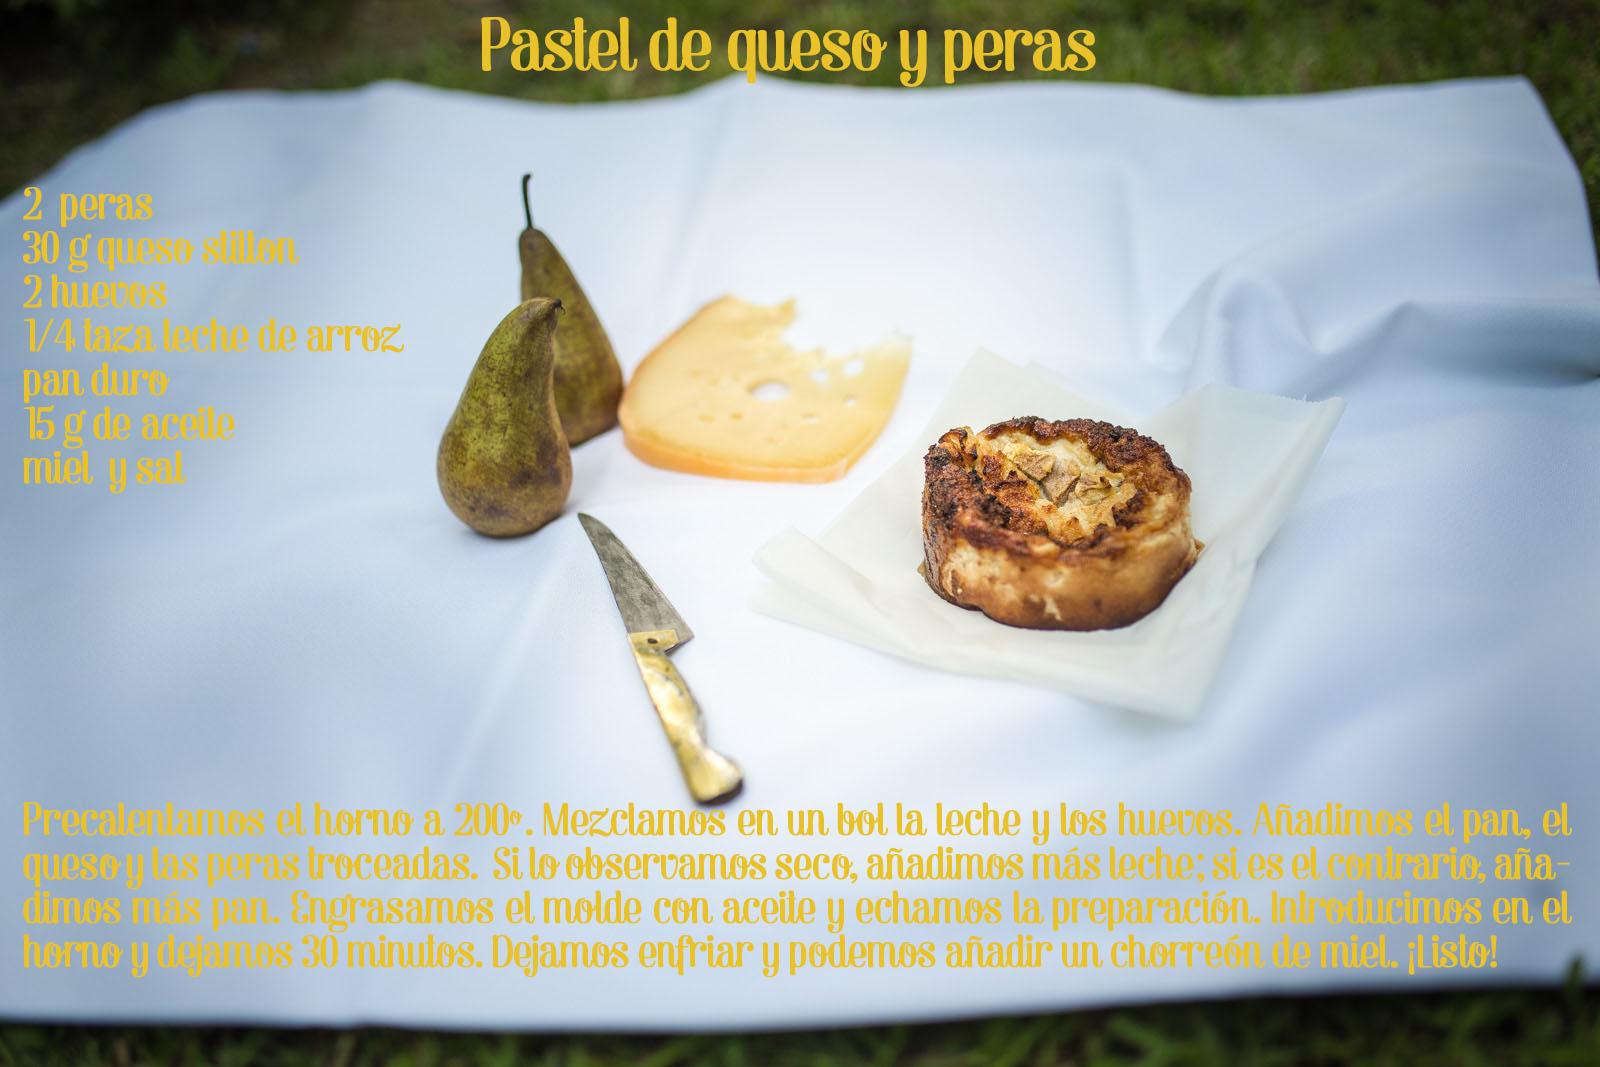 pastel-de-queso-y-pera